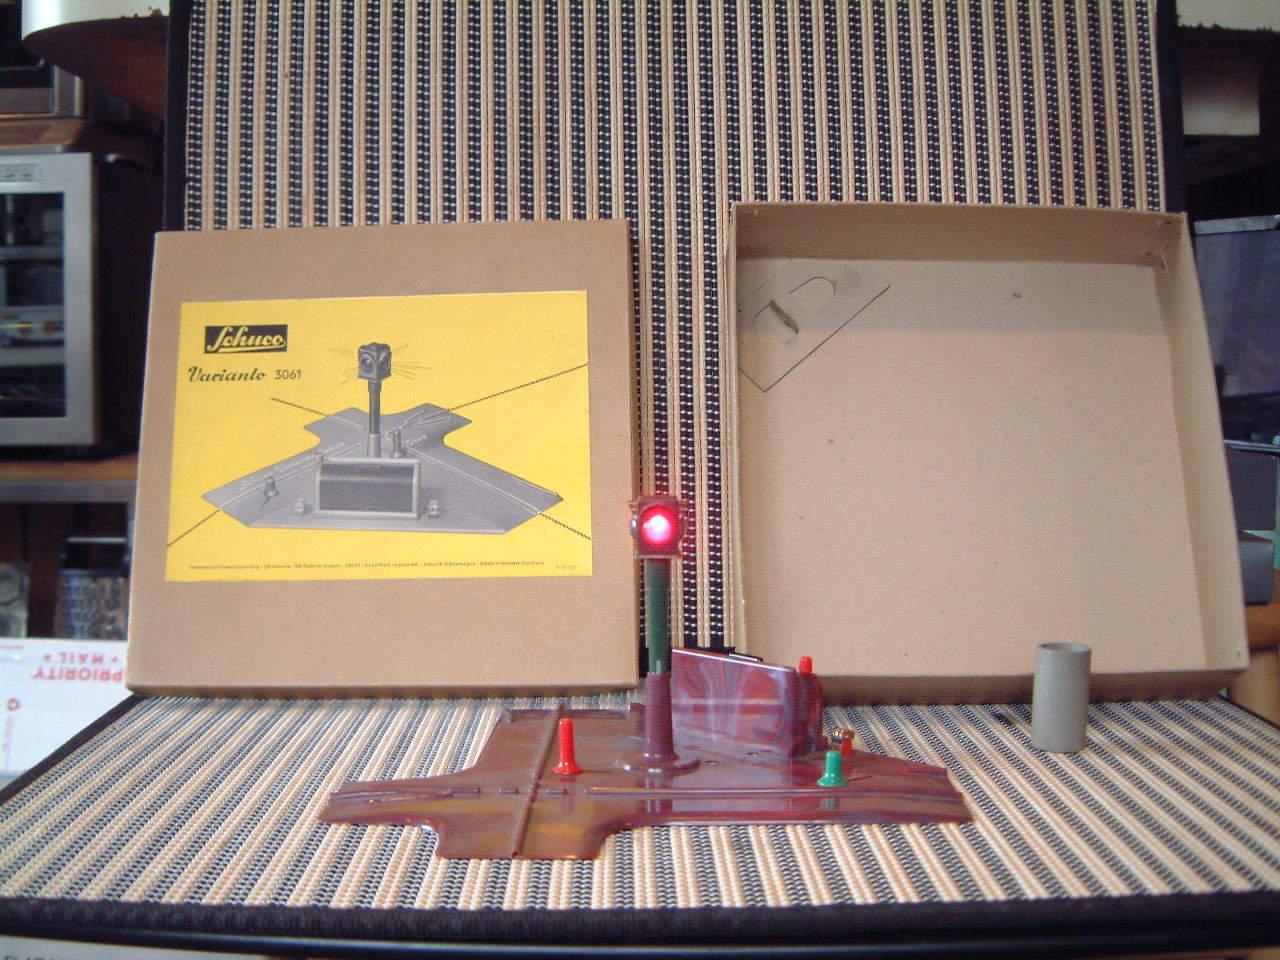 Schuco raro nuevo viejo stock Varianto sin reservas. 3061 dos (2) forma funcionamiento detener Luz Con Caja